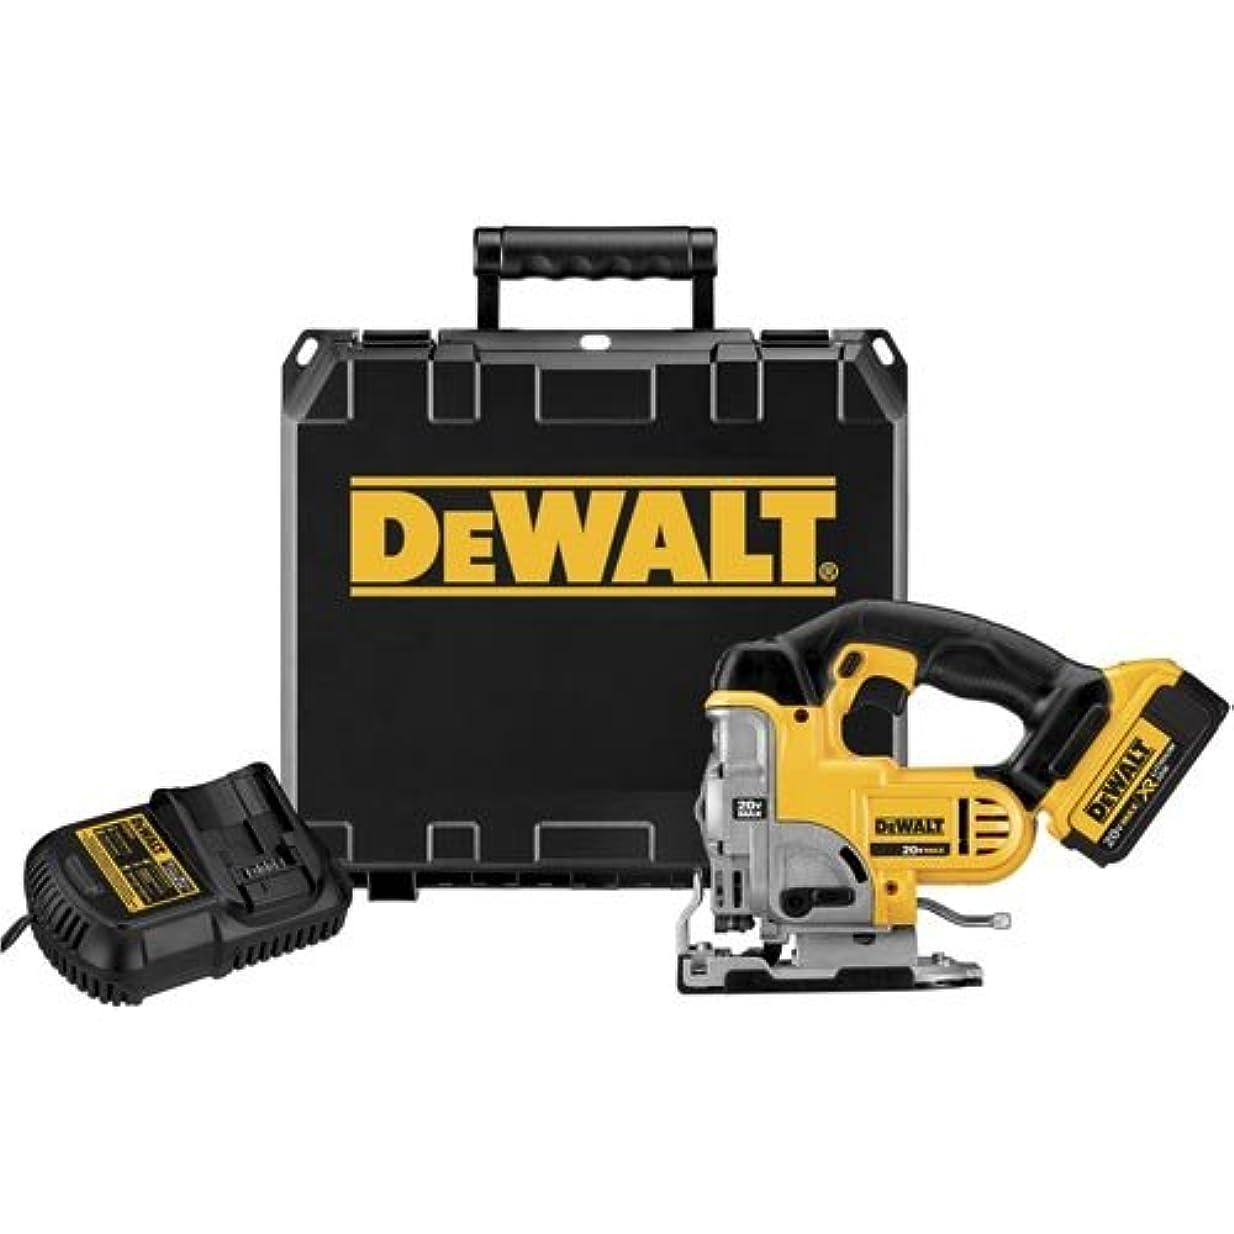 ひそかにと遊ぶ不正直DEWALT DCS331M1 20V Max Lithium Ion Jigsaw Kit by DEWALT [並行輸入品]